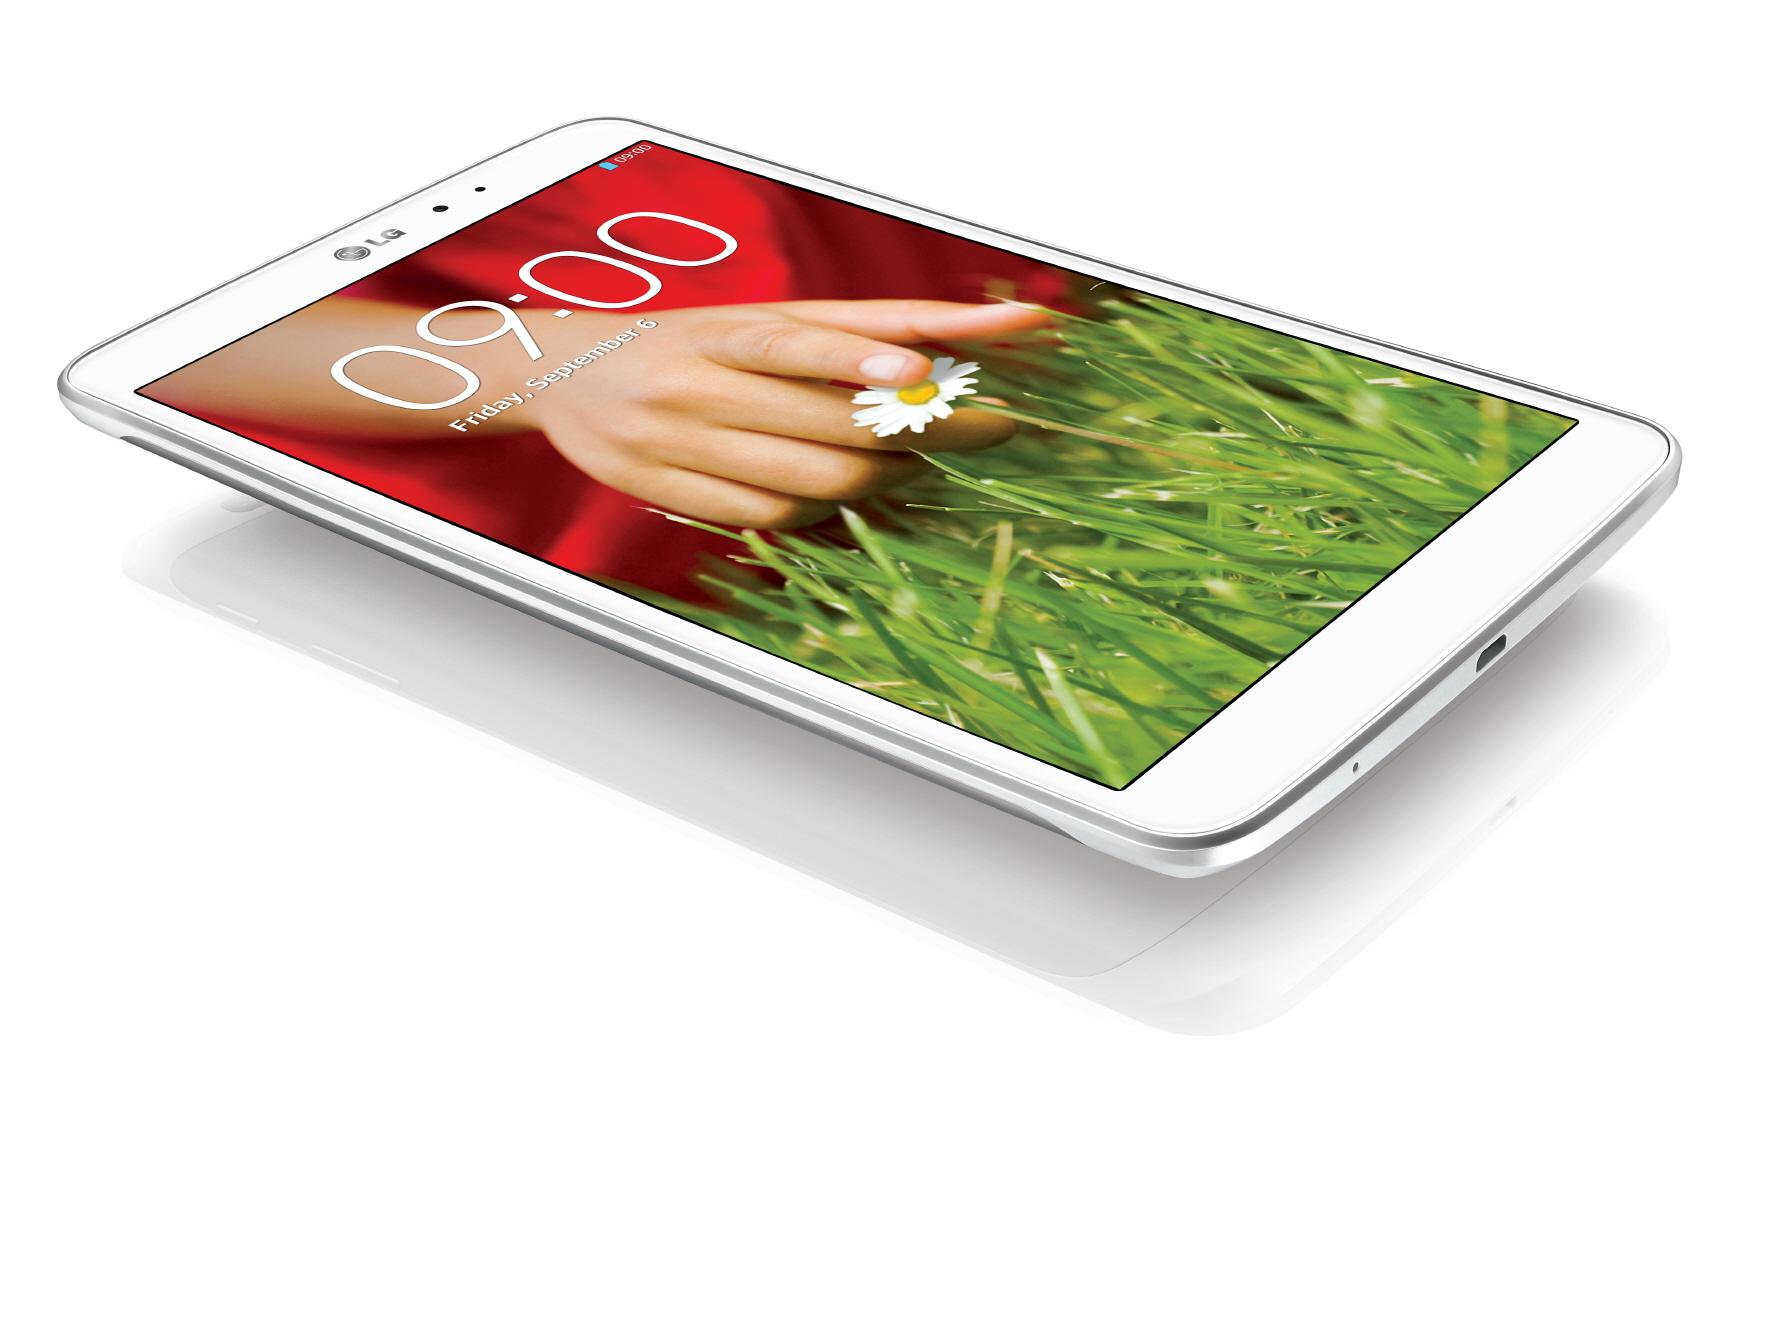 LG G Pad 8.3_02.jpg